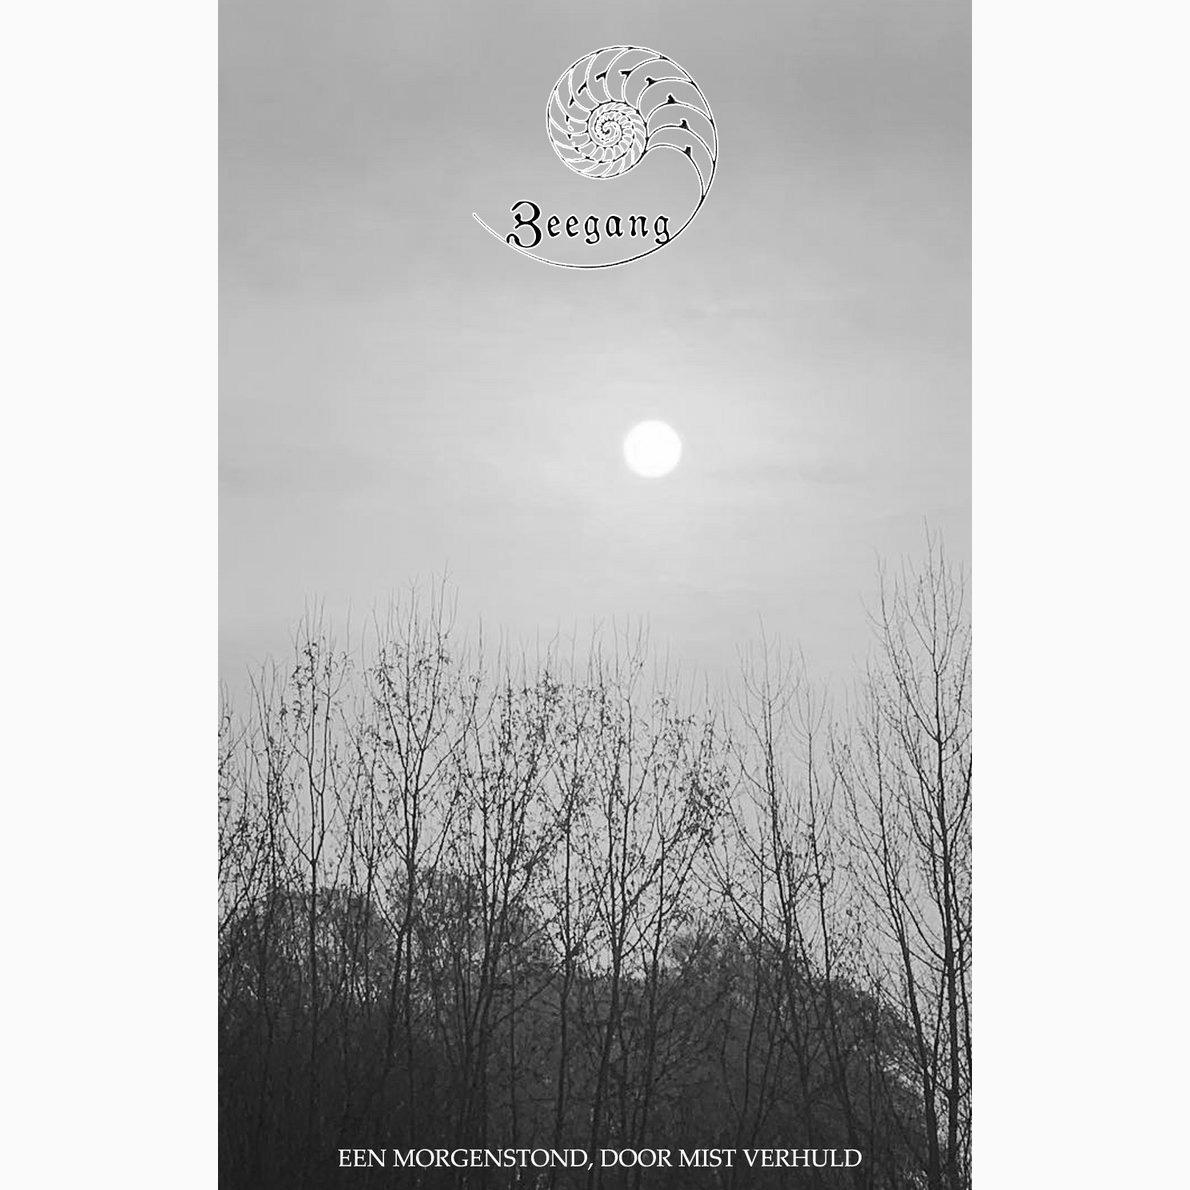 ZEEGANG - Een Morgenstond, Door Mist Verhuld